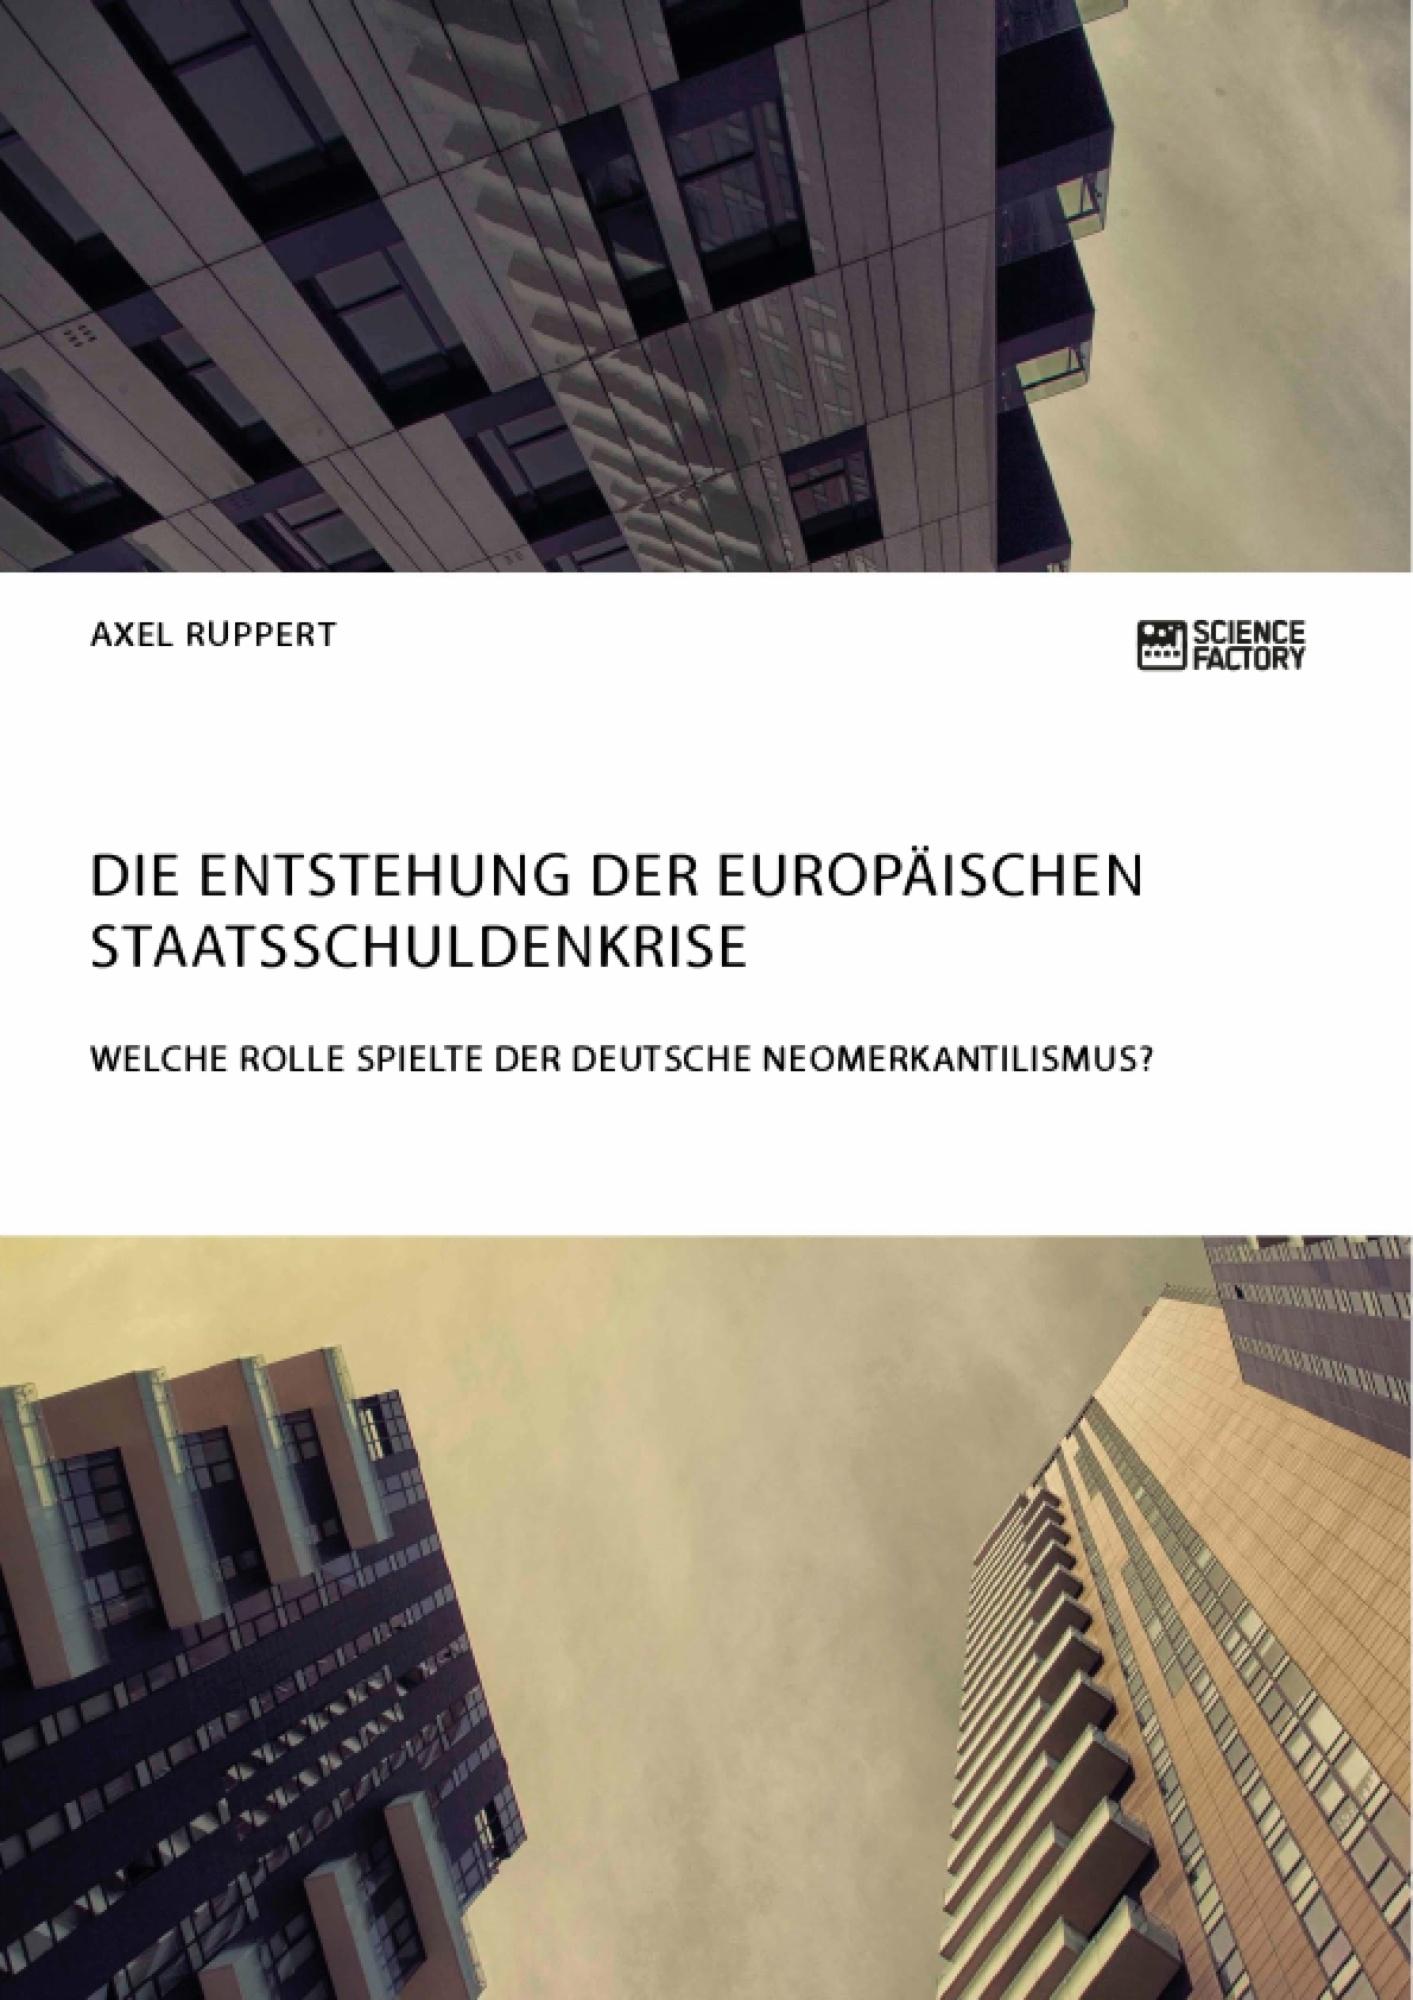 Titel: Die Entstehung der europäischen Staatsschuldenkrise. Welche Rolle spielte der deutsche Neomerkantilismus?